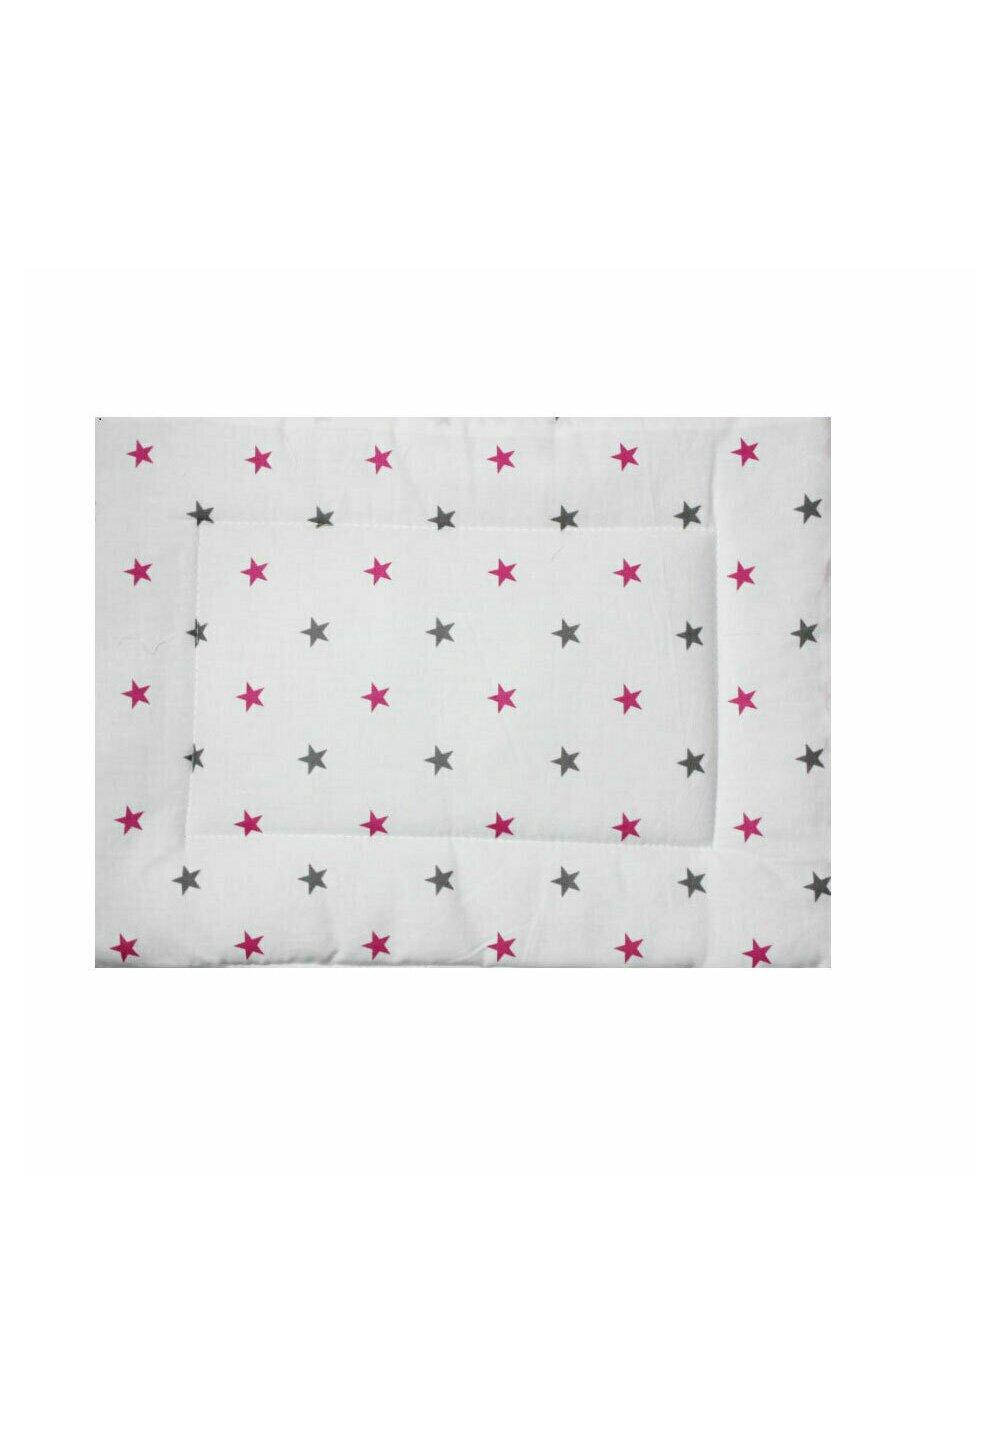 Perna slim, stelute roz cu gri, 37x28cm imagine